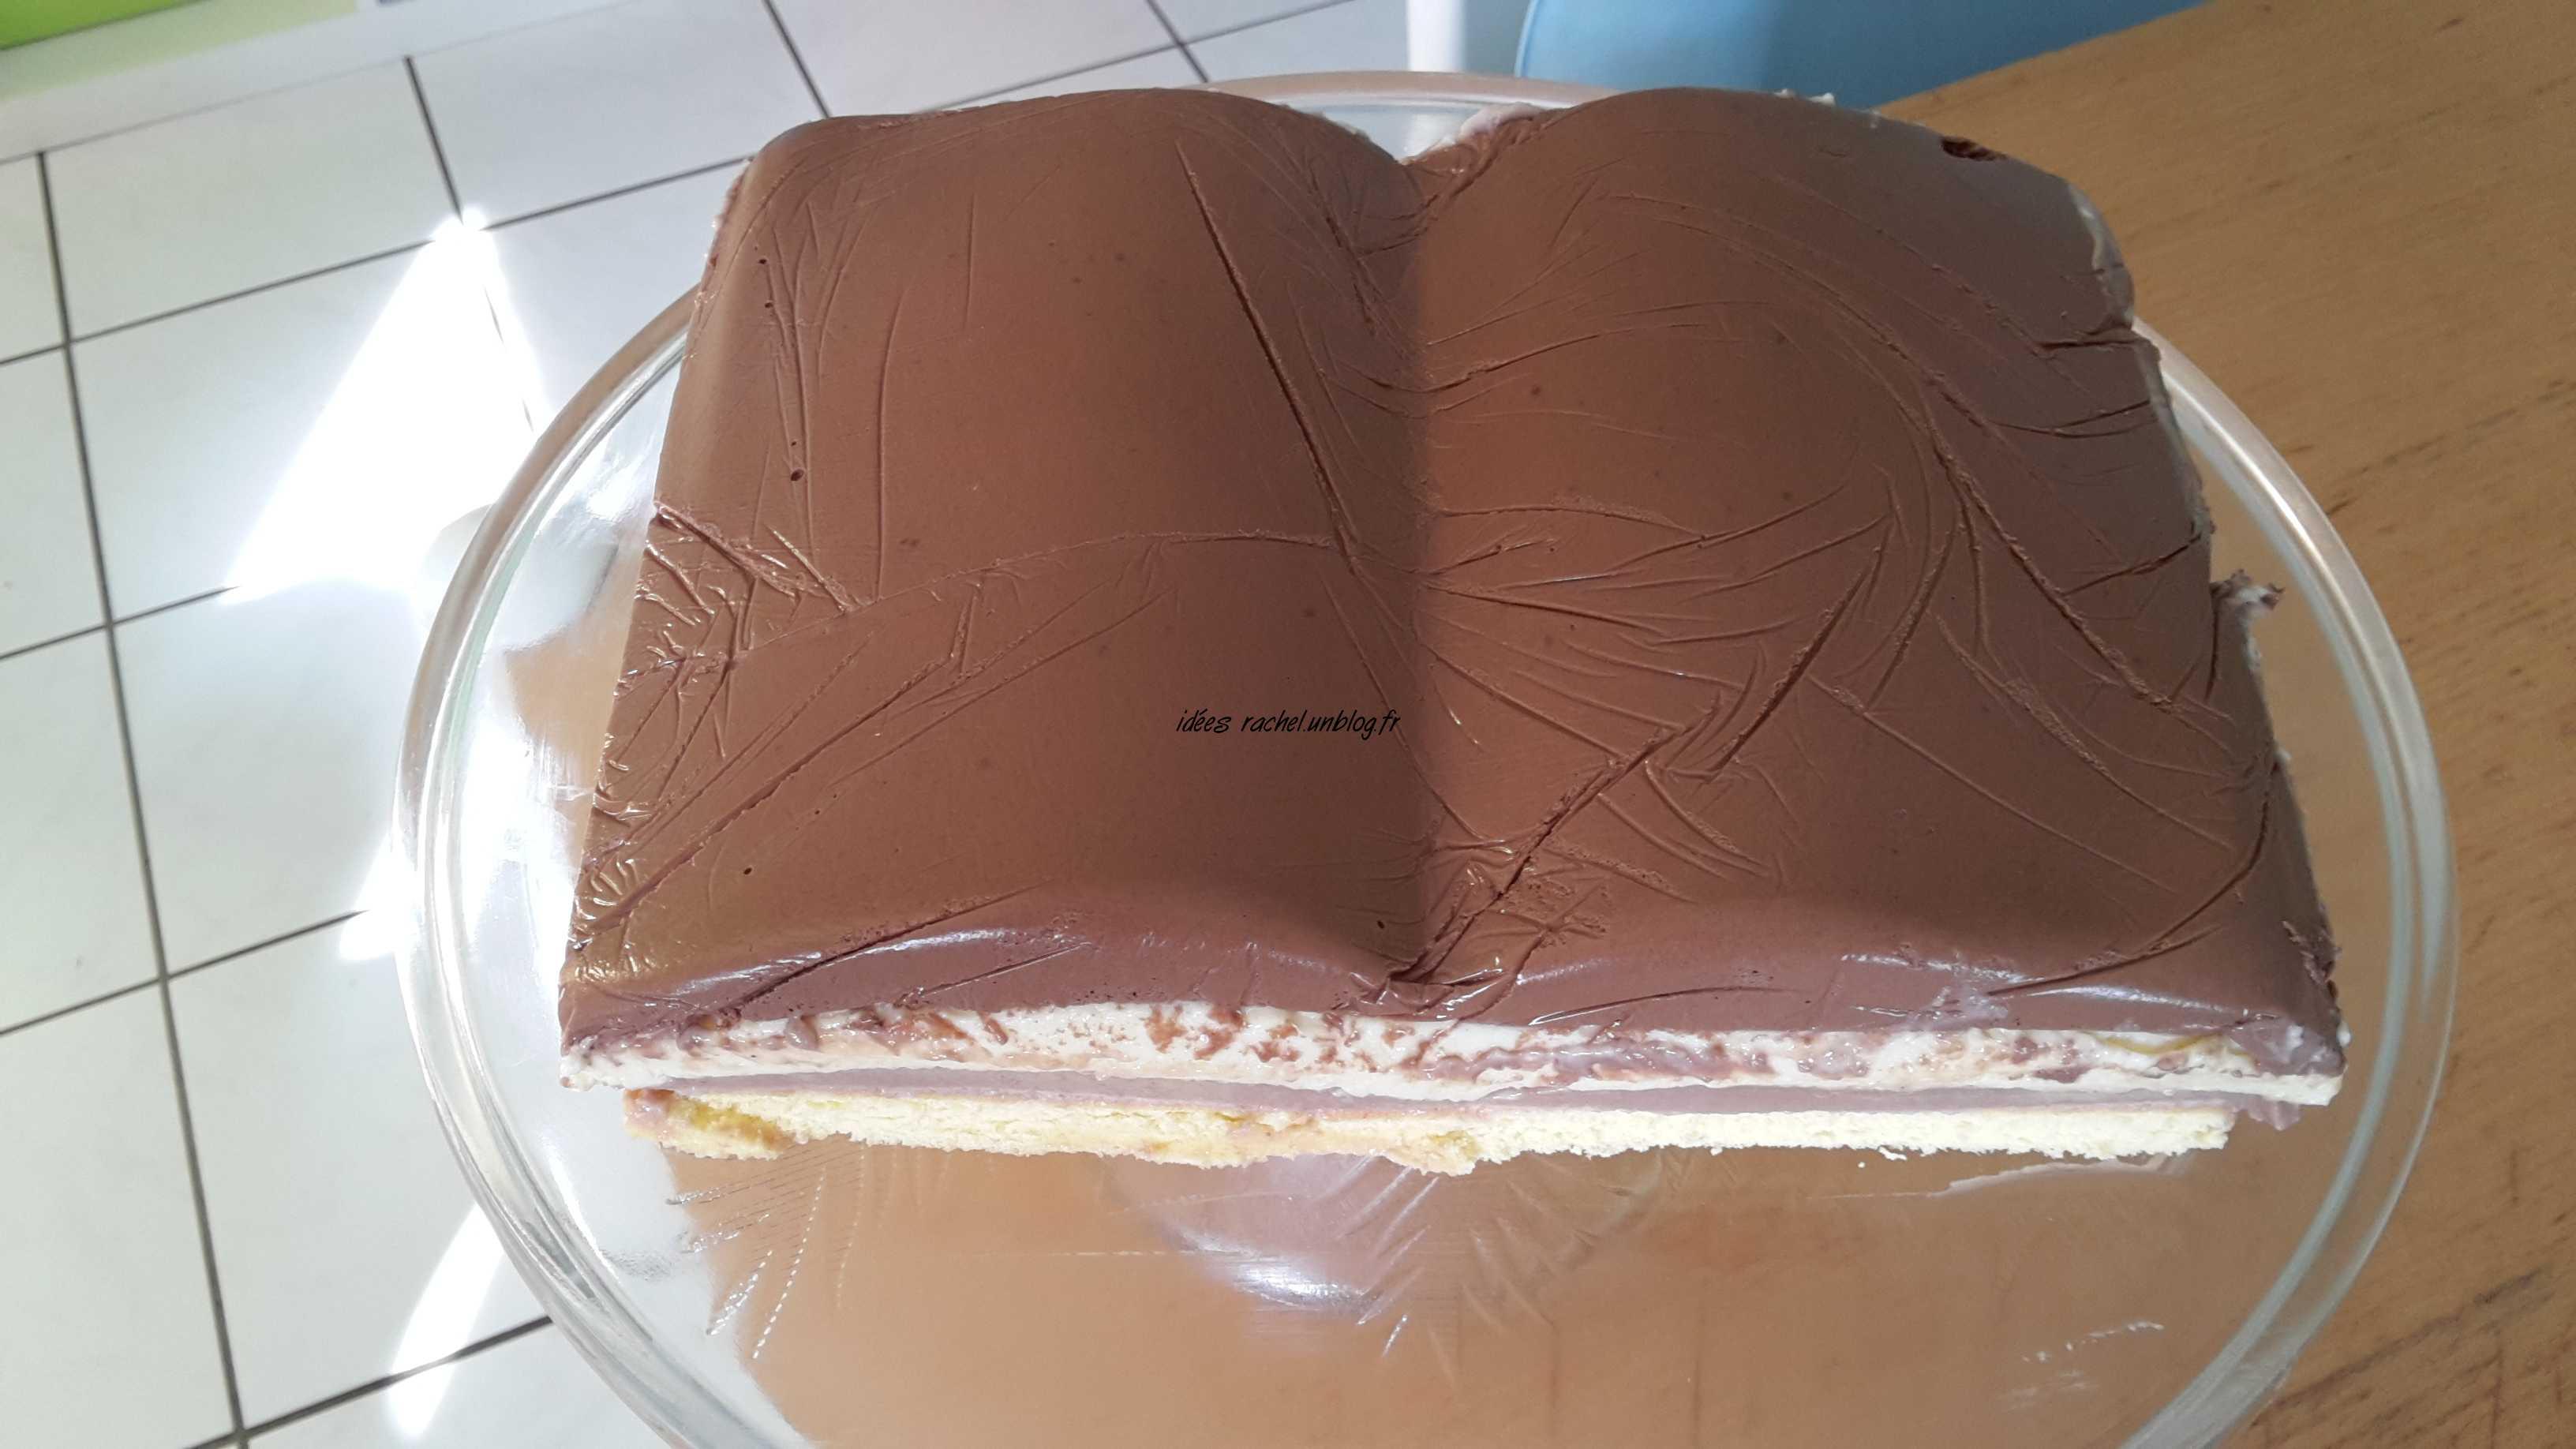 Extrêmement Les idées de Rachel » gâteau au trois chocolats DV32